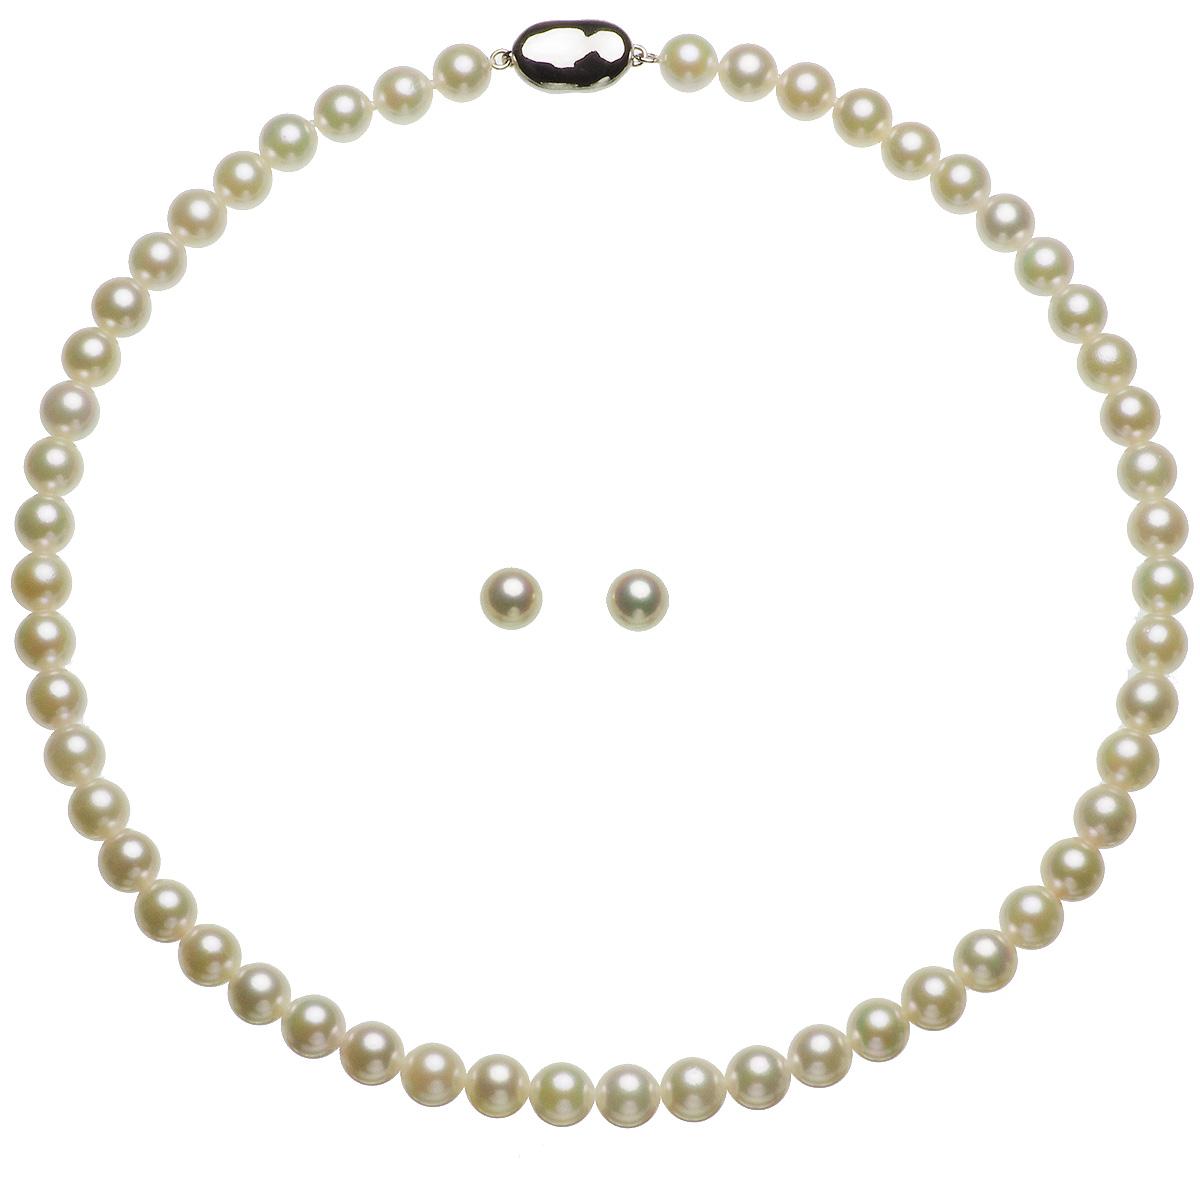 アコヤ 厚巻き 高品質 真珠 パール フォーマル セット 約7.5-8.0mmの写真